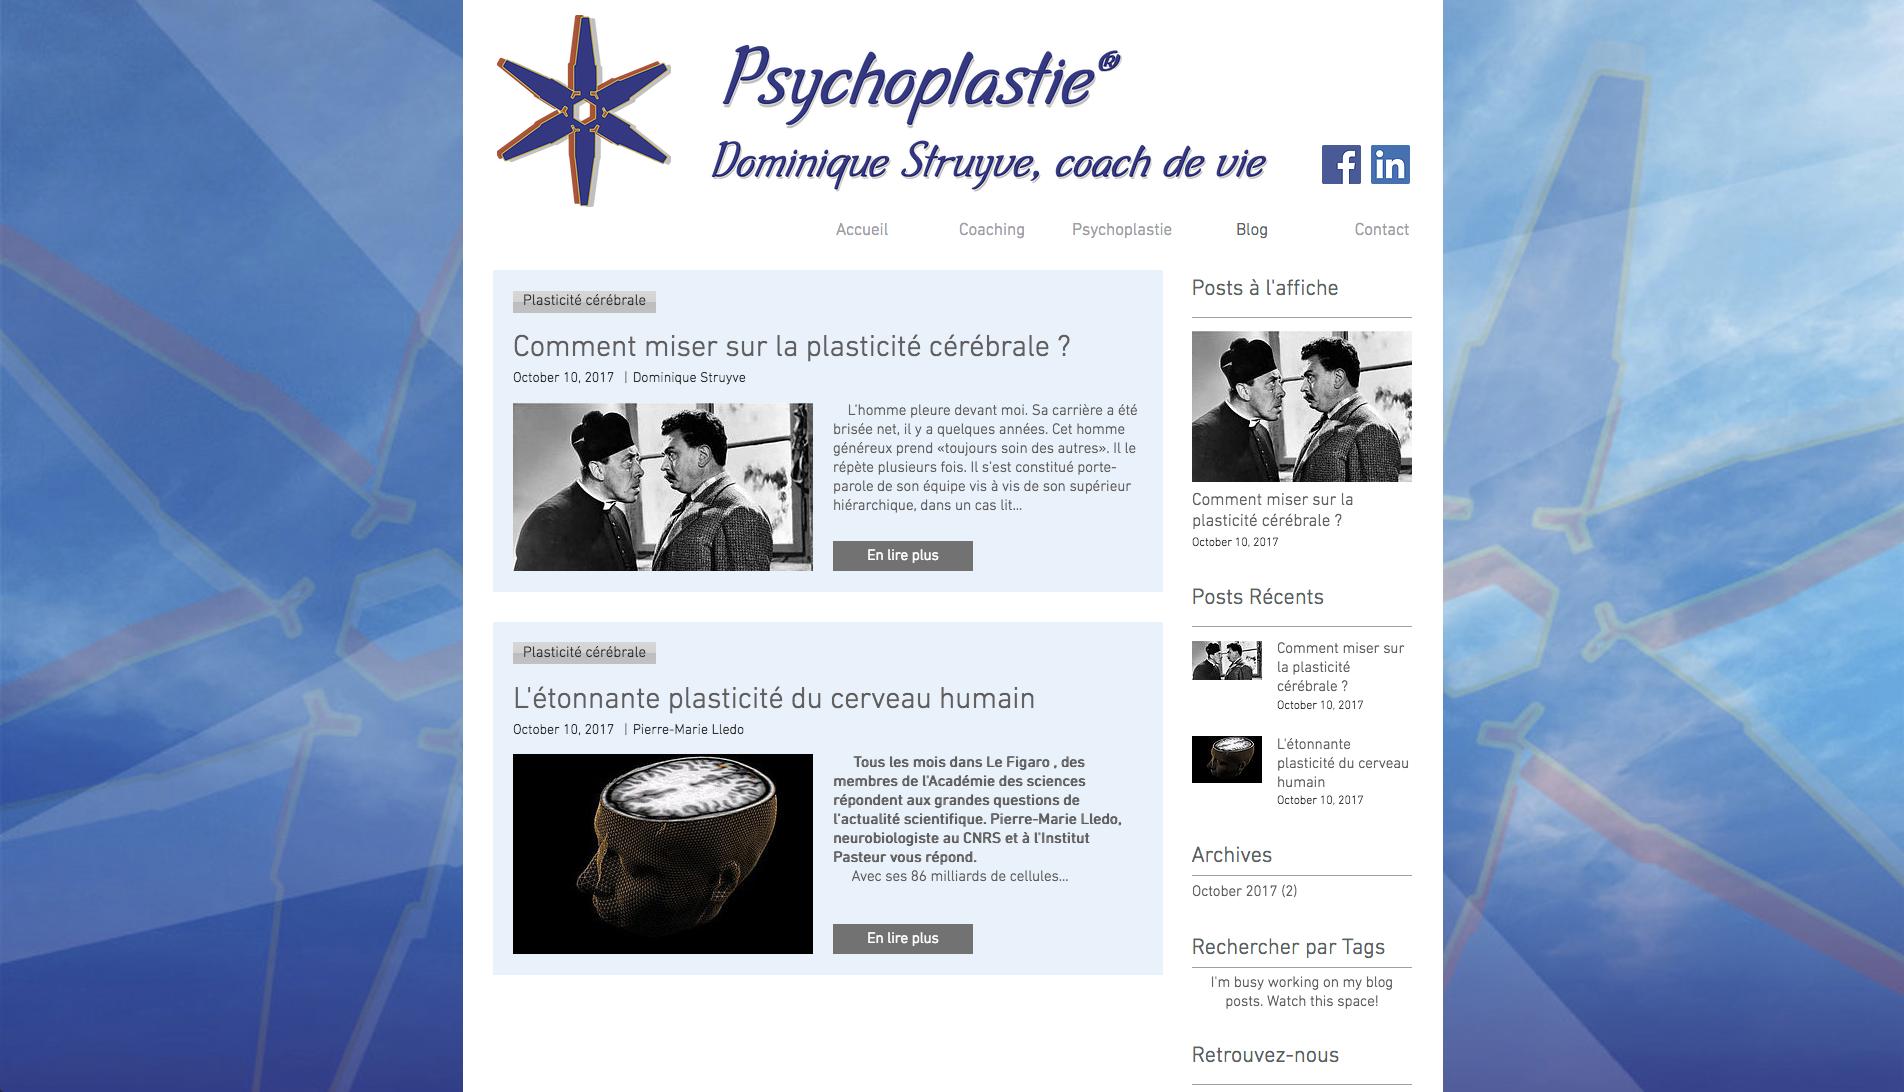 www.psychoplastie.com